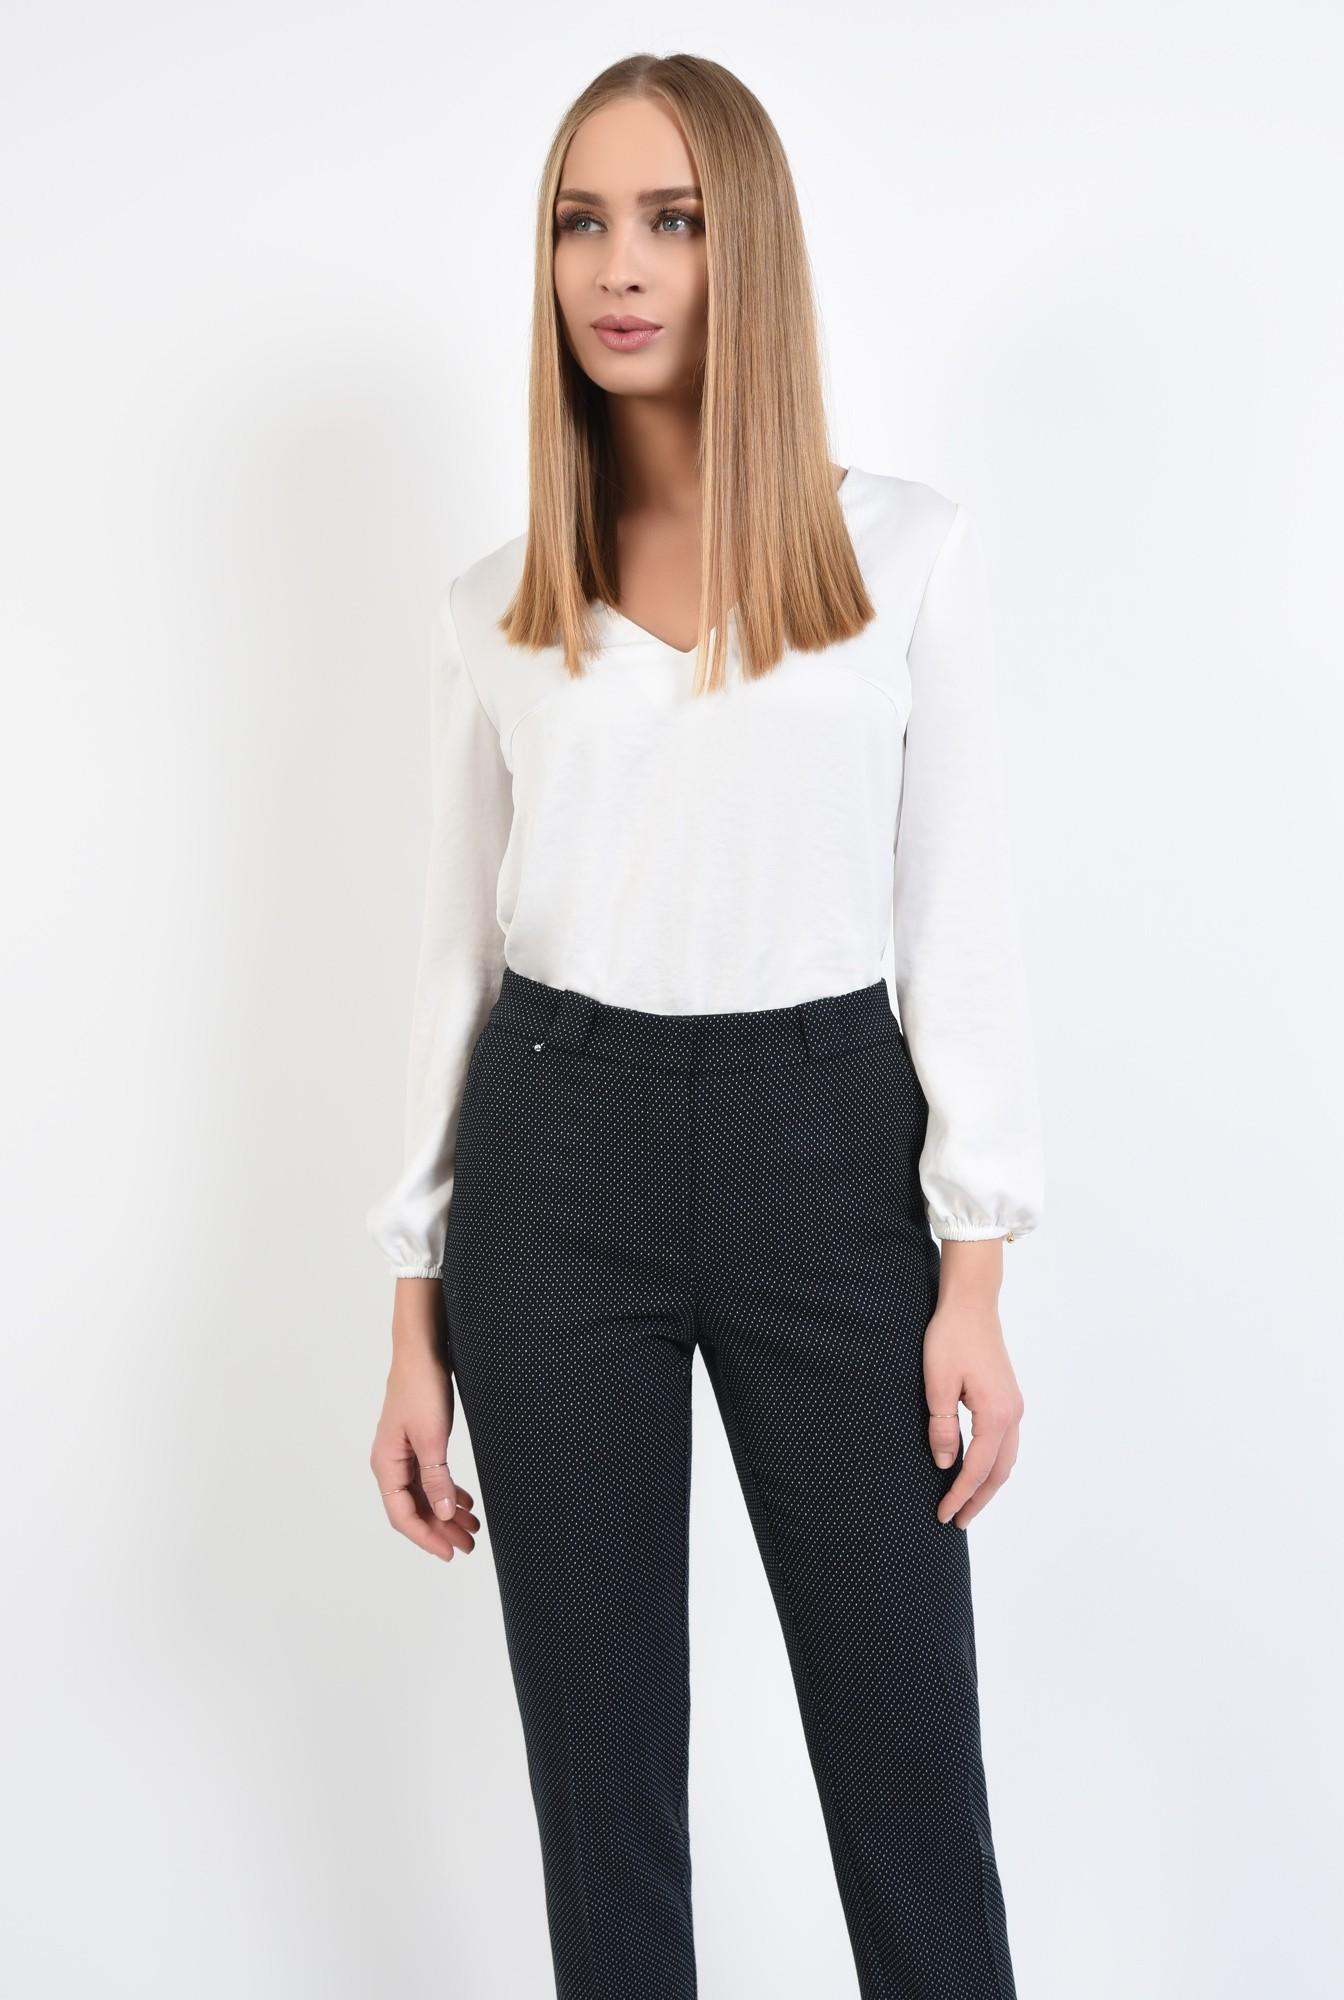 1 - pantaloni de zi, cu buline mici, picouri albe, pantaloni negri